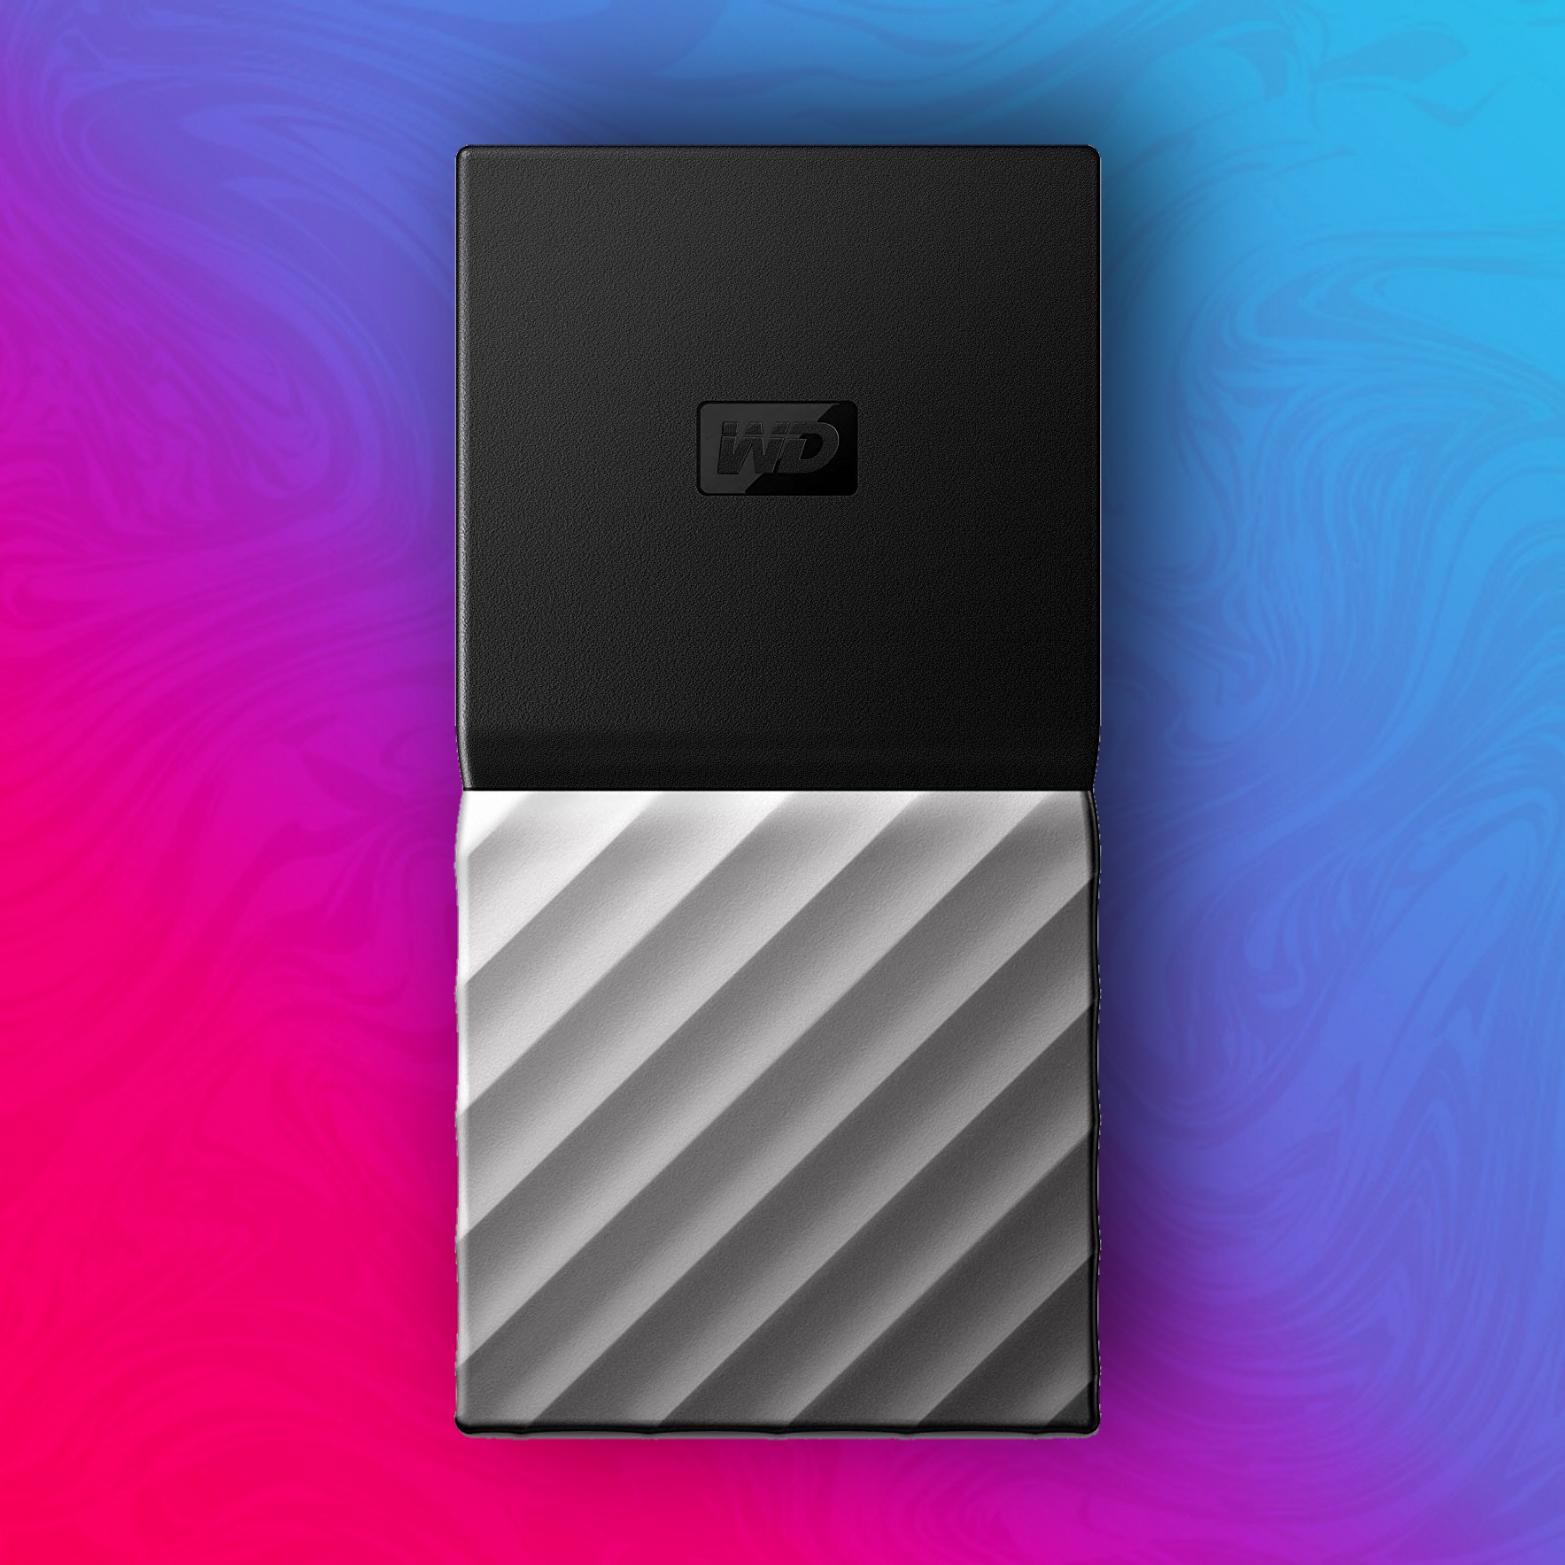 [Amazon/NBB] WD My Passport SSD 256GB (Lesen: ~540 MB/s, Schreiben: ~350 MB/s, USB Typ-C 3.1 / 3.2 Gen1)